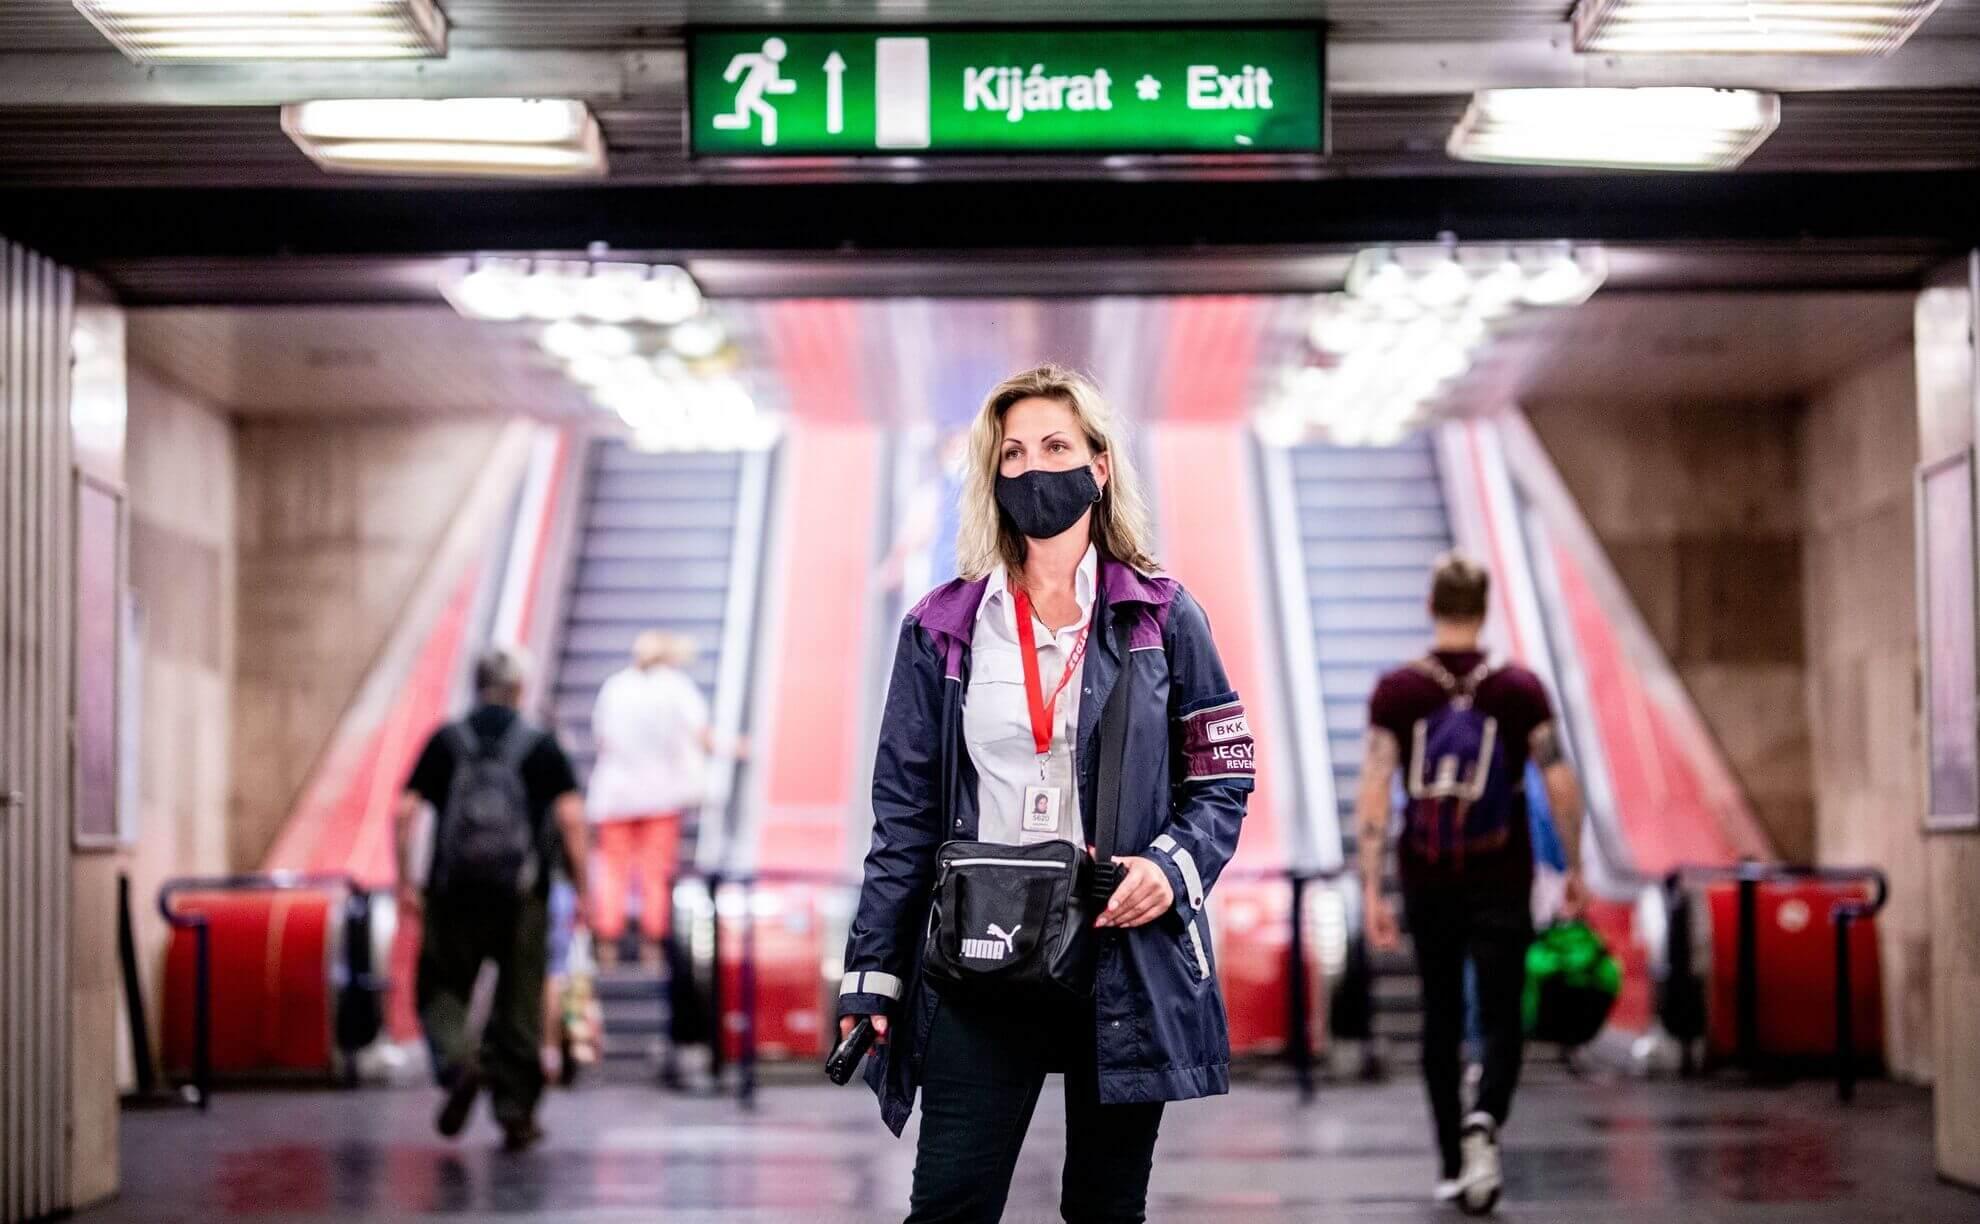 פקחי תחבורה ציבורית בבודפשט